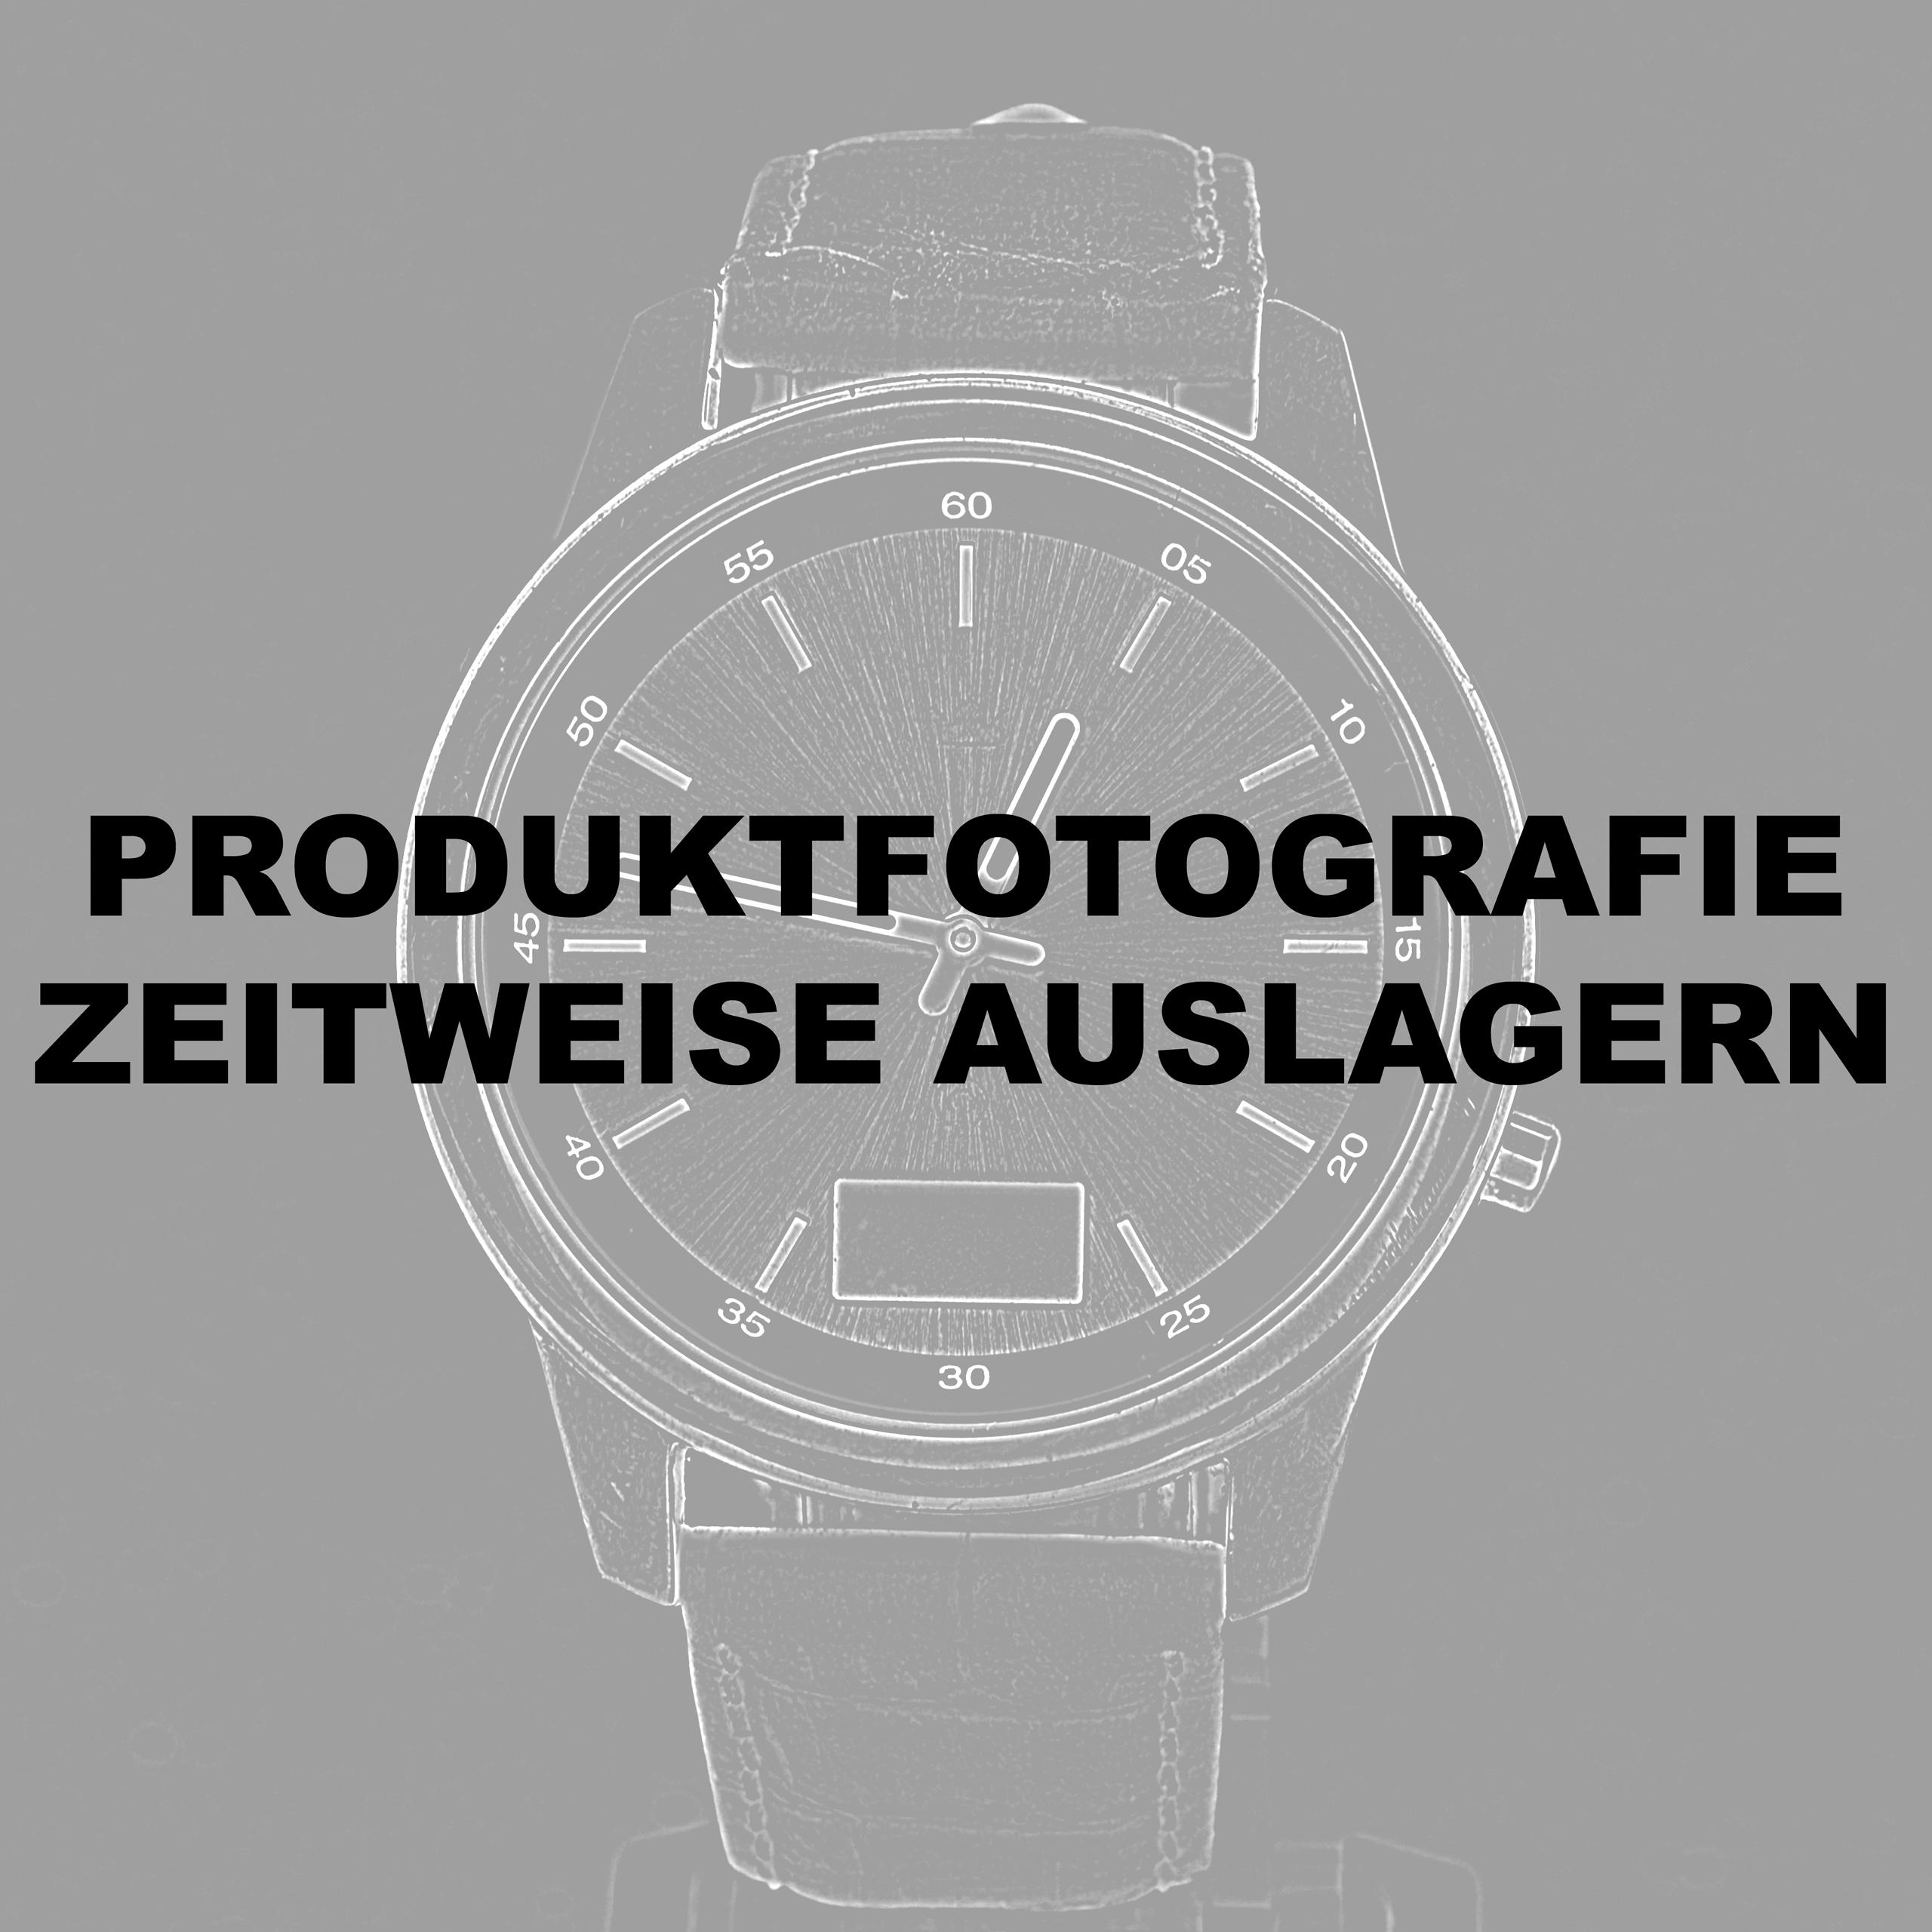 Corona-Pandemie: Produktfotografie Zeitweise Auslagern | © 2020 by Karl - Heinz Schultze (KHSFotographie)